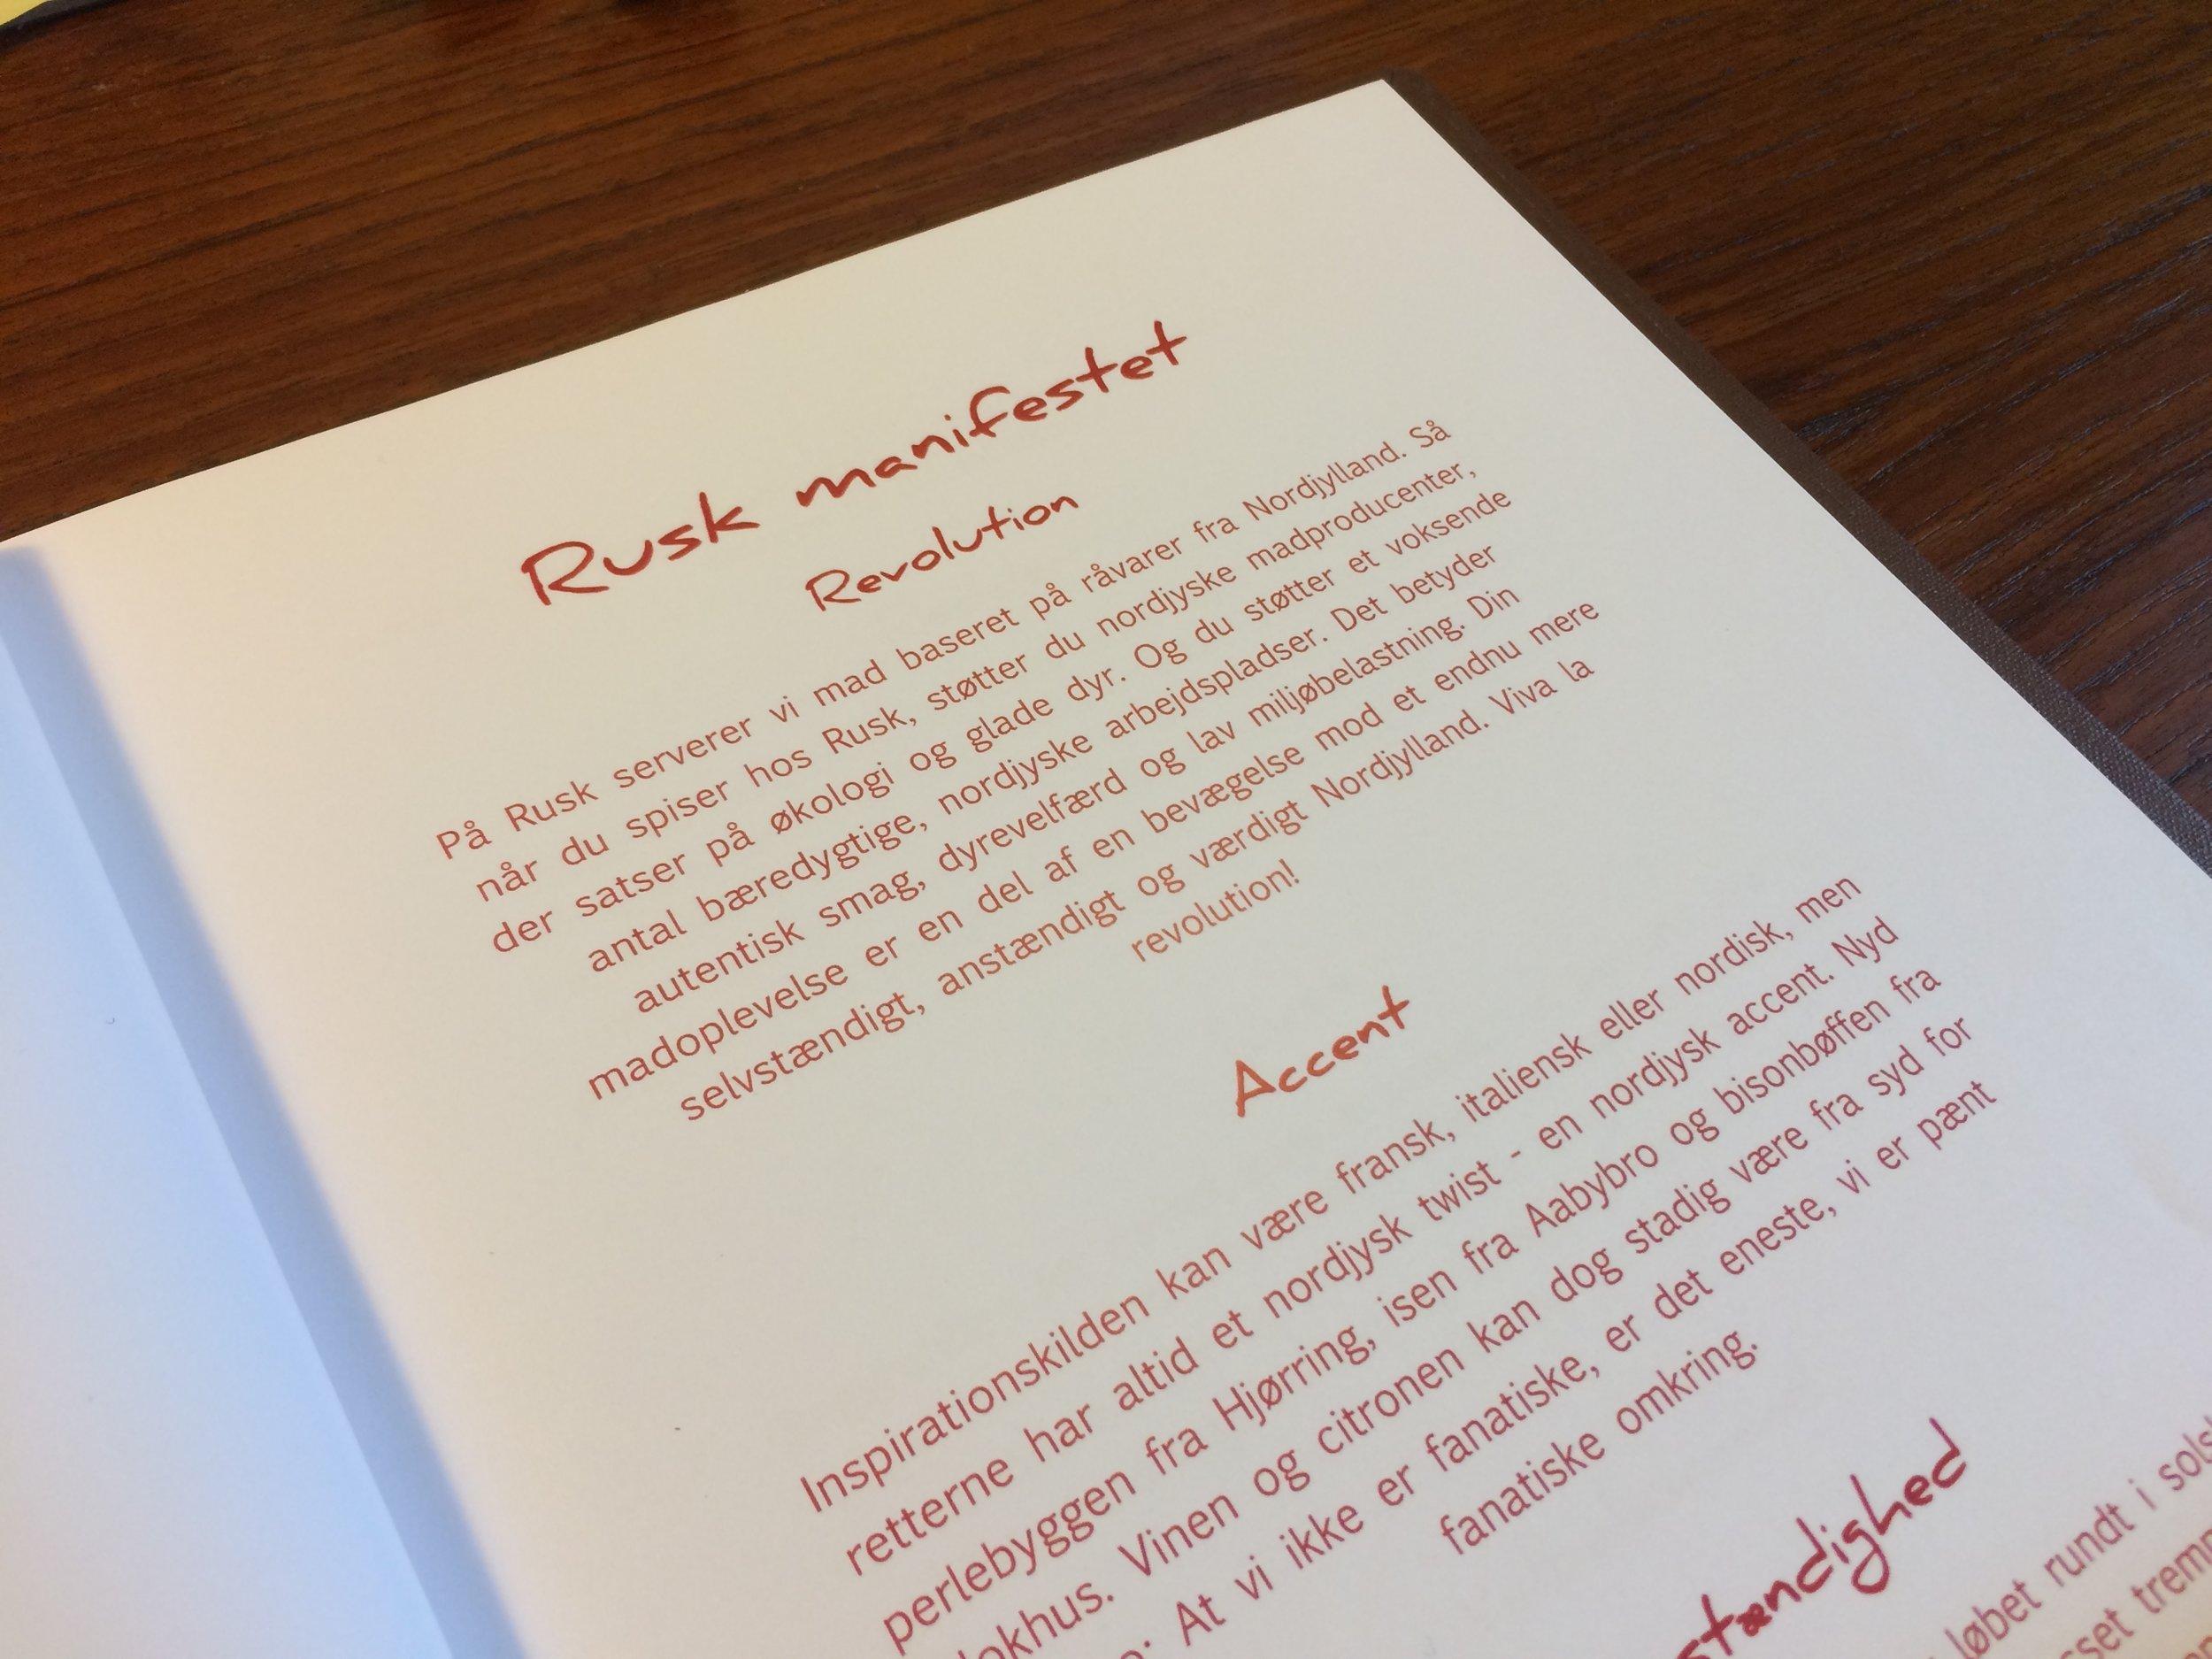 Rusk Manifestet - en del af menuen på Restaurant RUSK